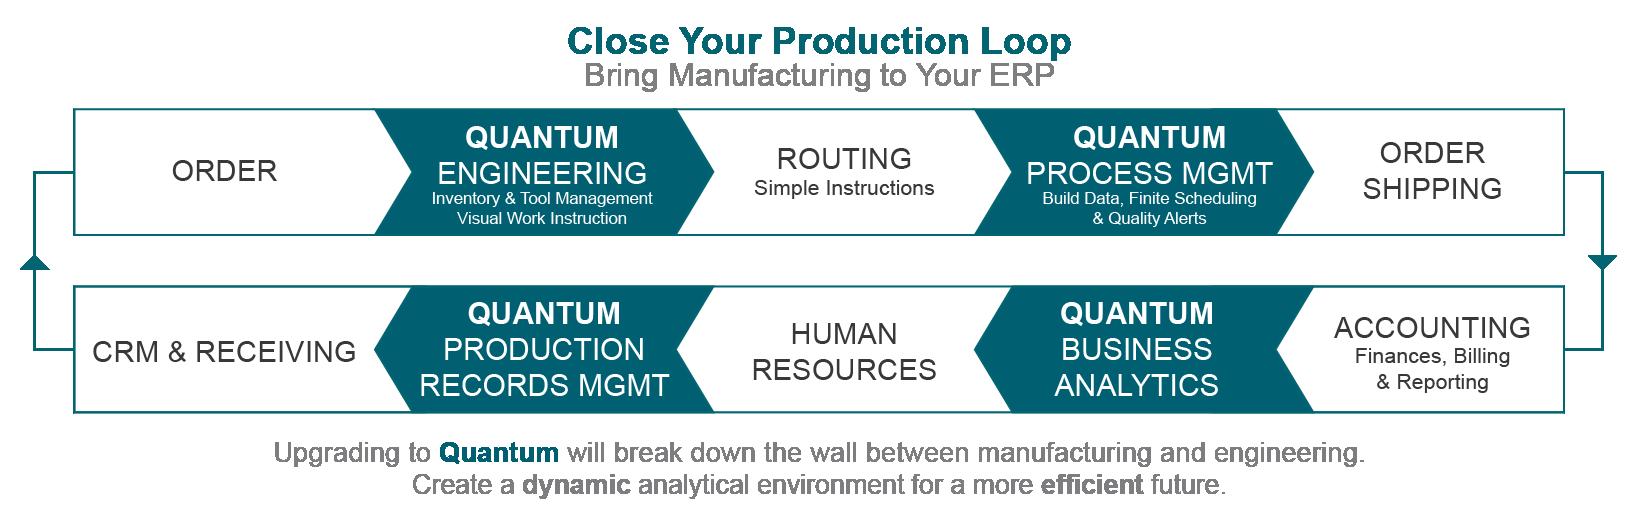 ERP Production Loop